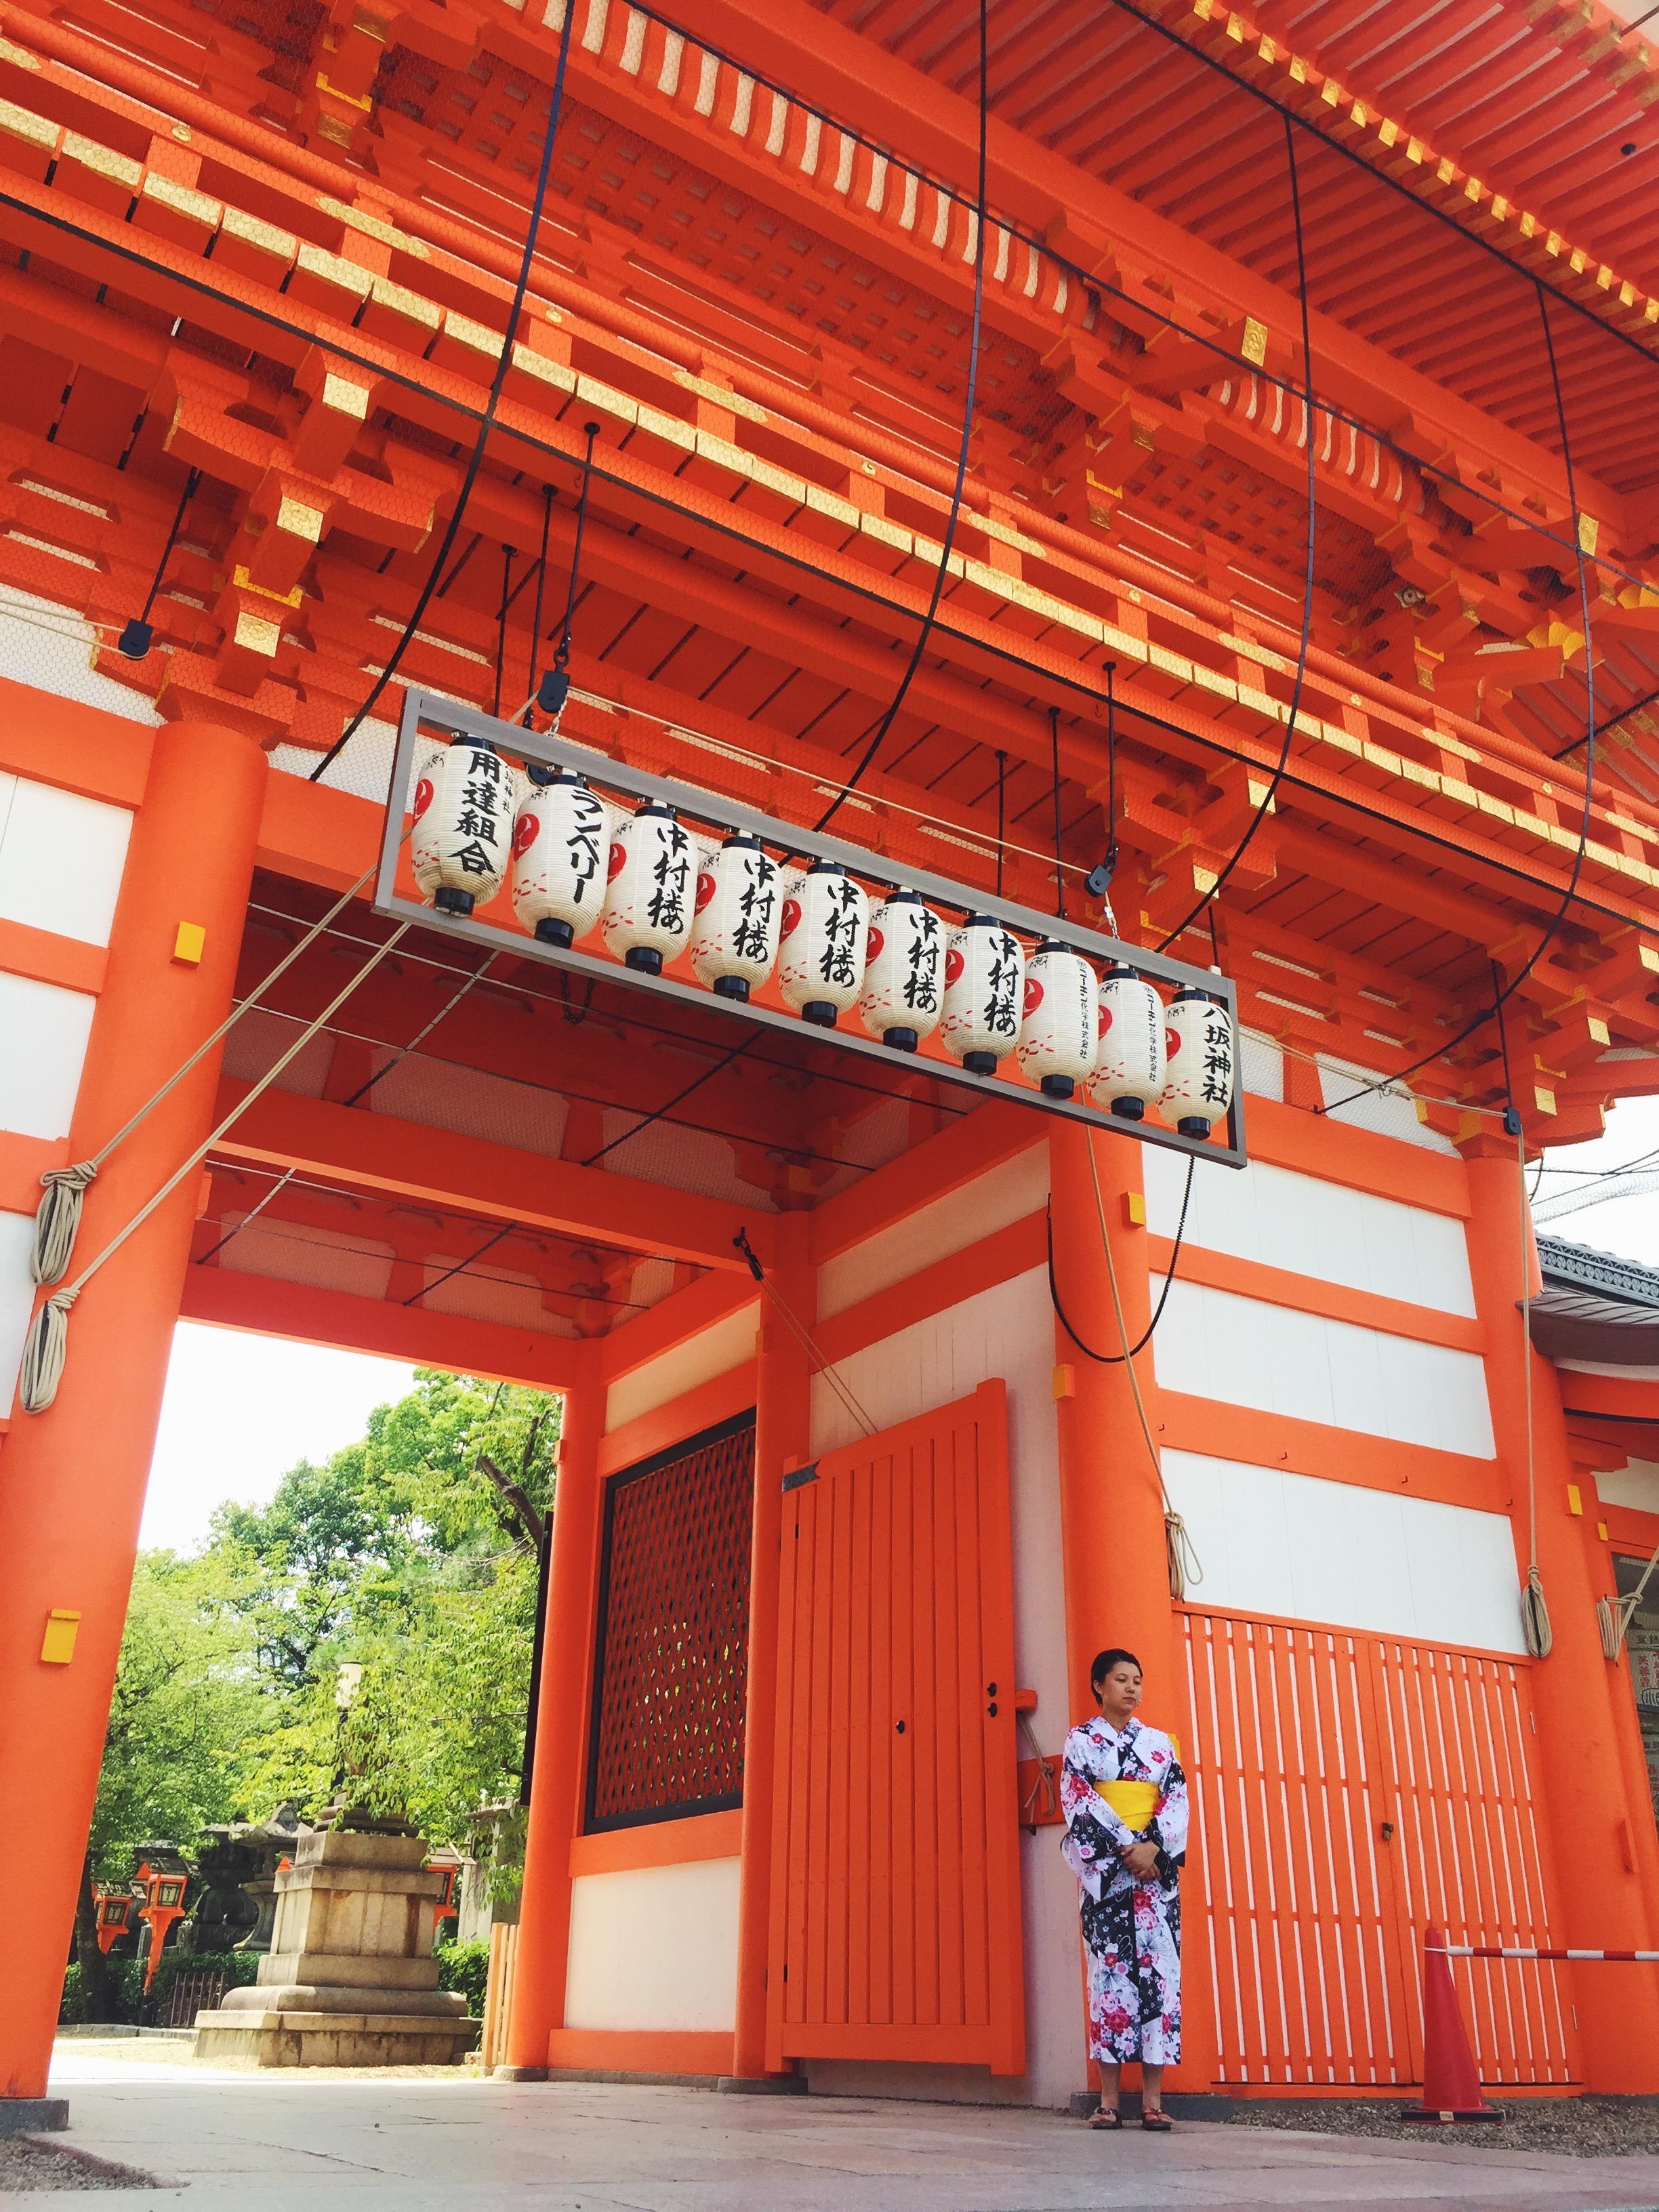 Muslim-halal-travel-Kyoto-Yasaka-Shrine-Entrance.jpg